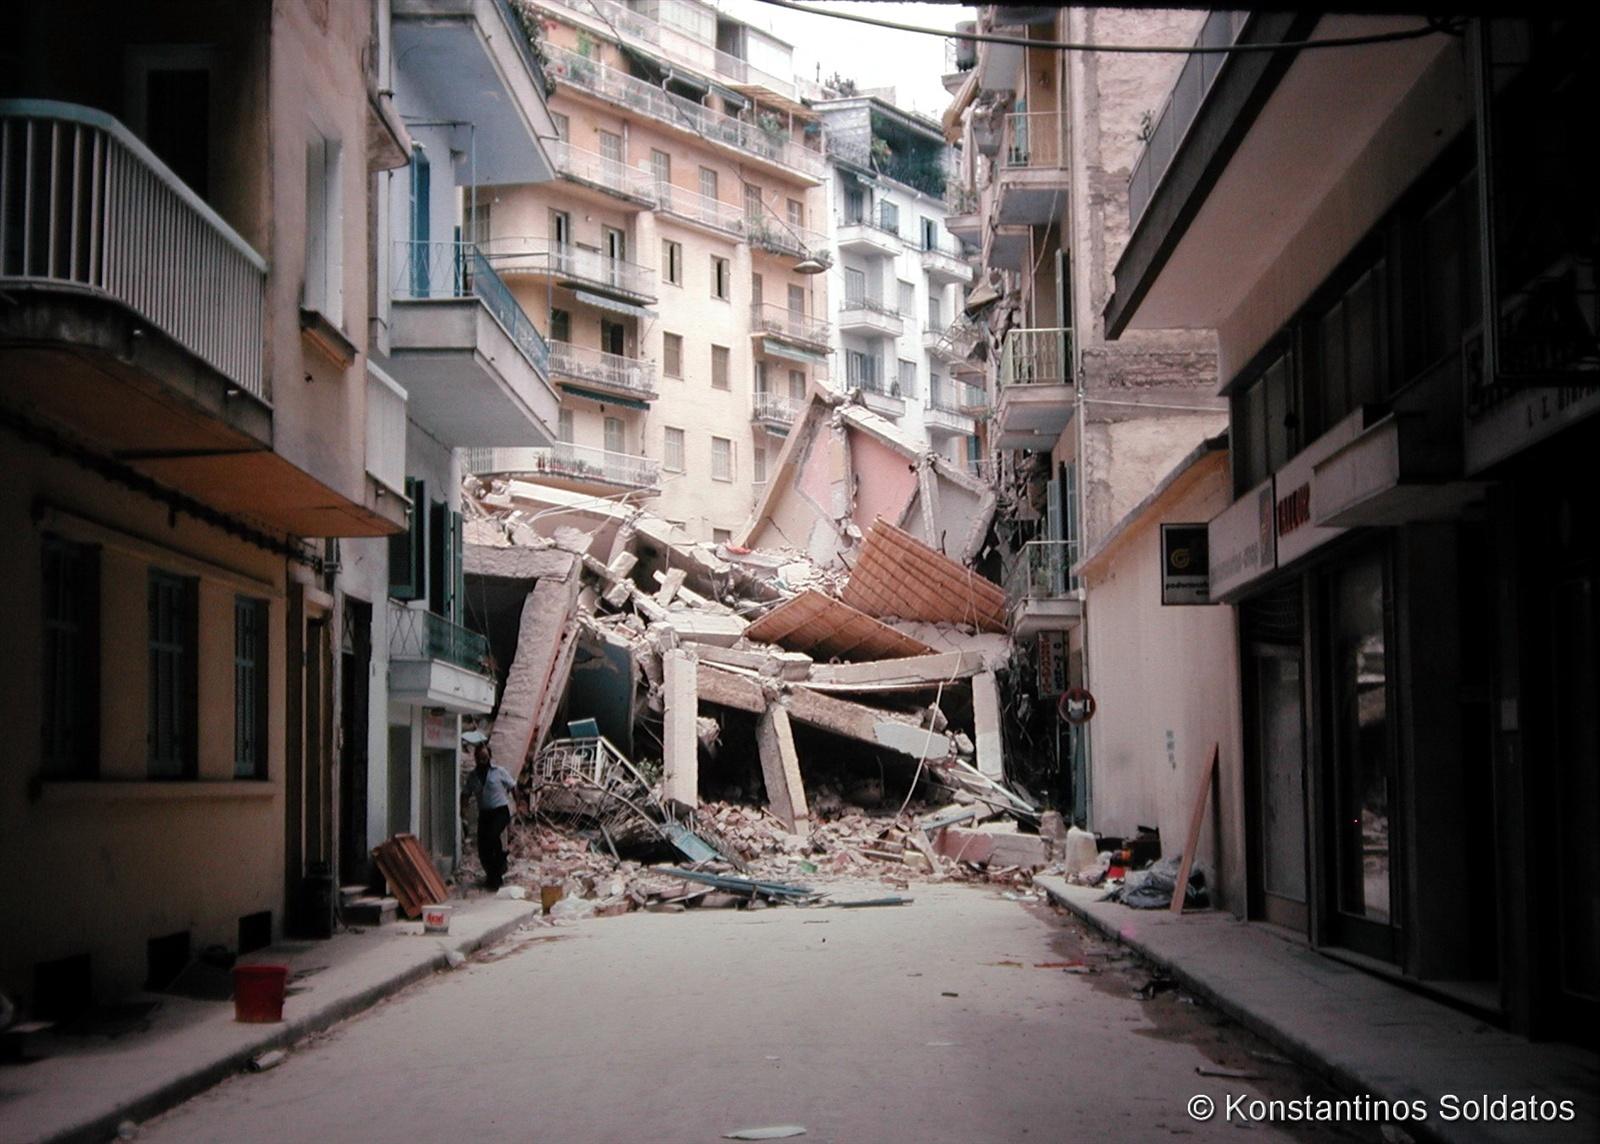 Τα ερείπια της μοιραίας πολυκατοικίας στην Πλατεία Ιπποδρομίου (το σημερινό Κέντρο Ιστορίας Θεσσαλονίκης). Οδός Γ. Θεοχάρη